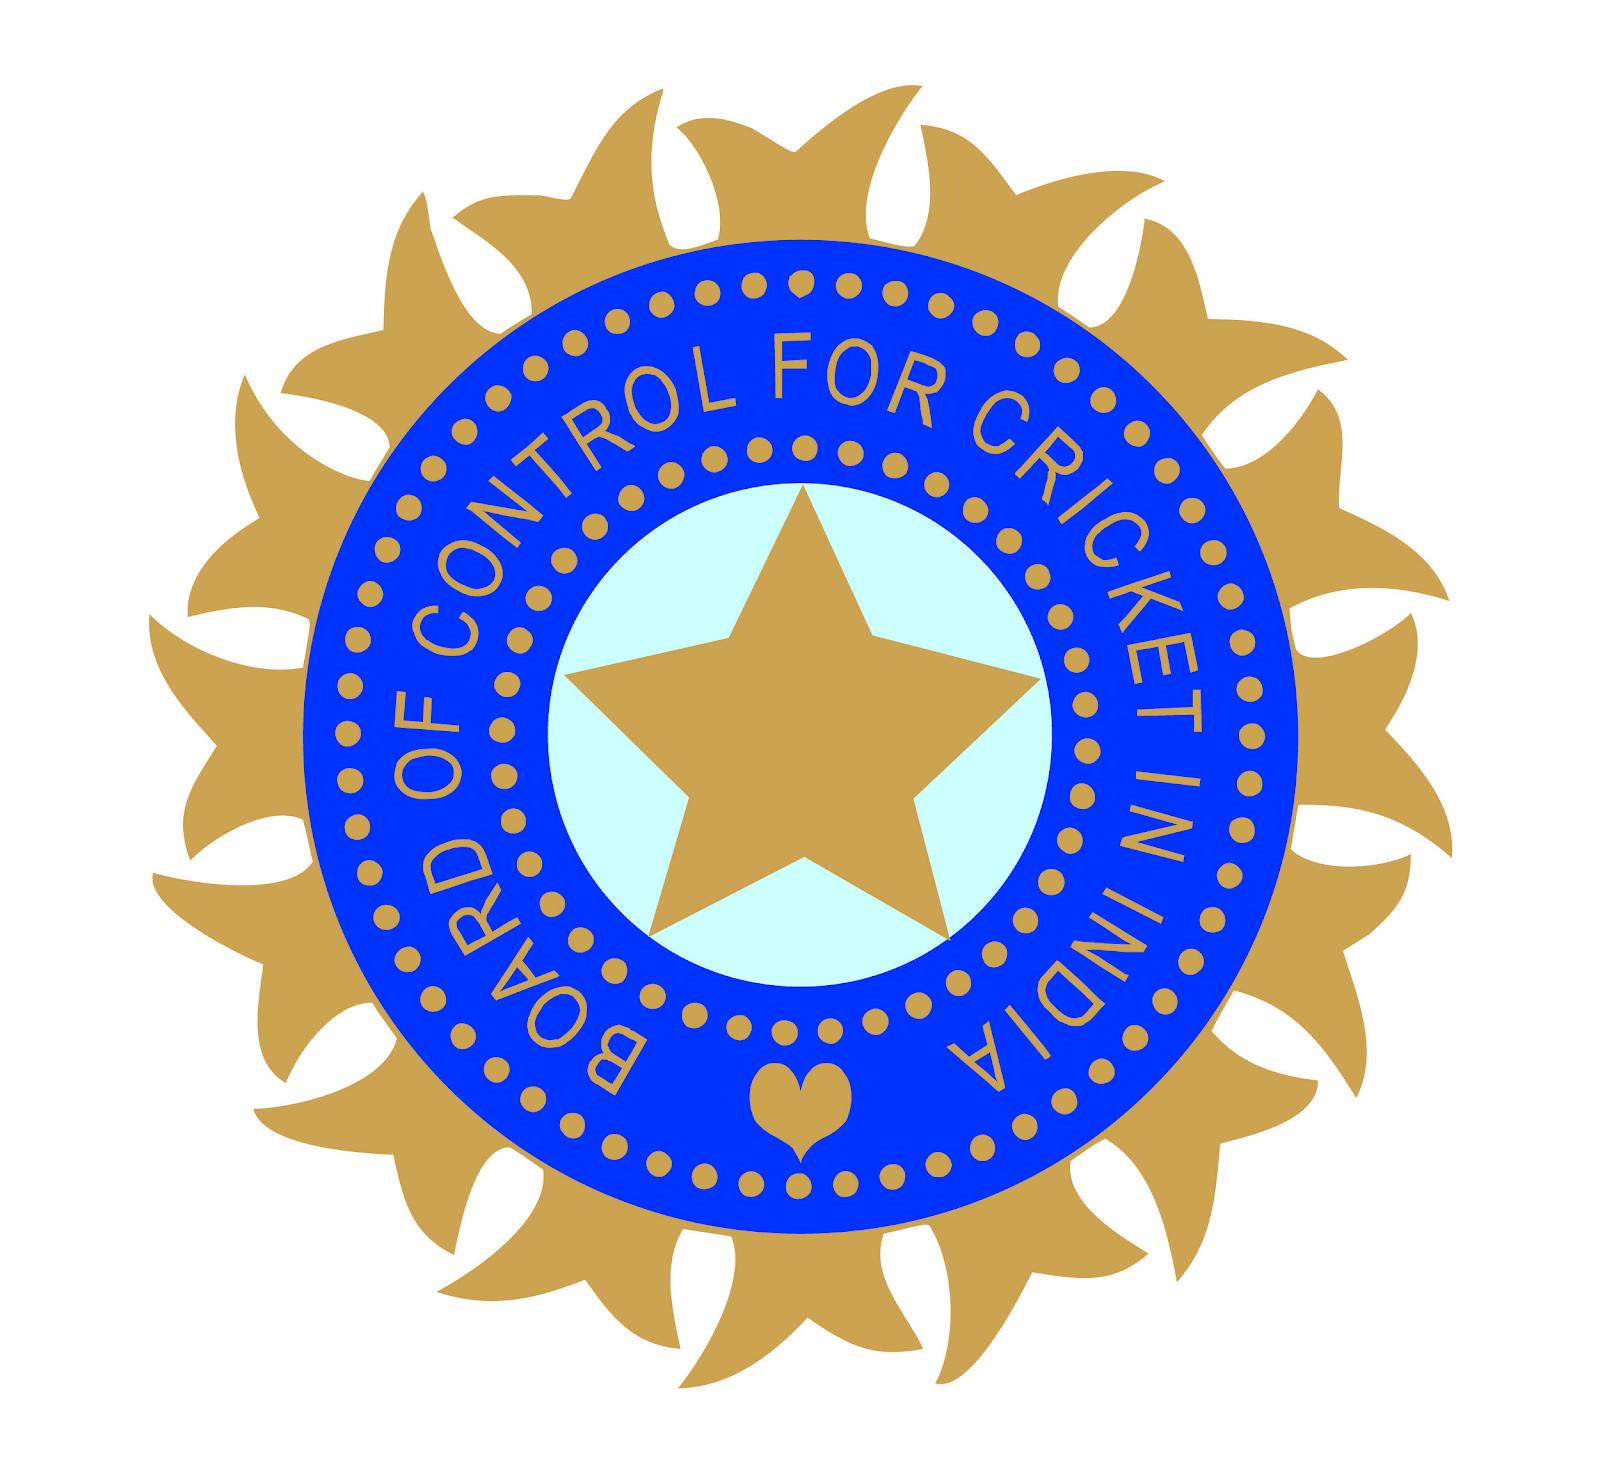 10 Best Cricket Team in The World